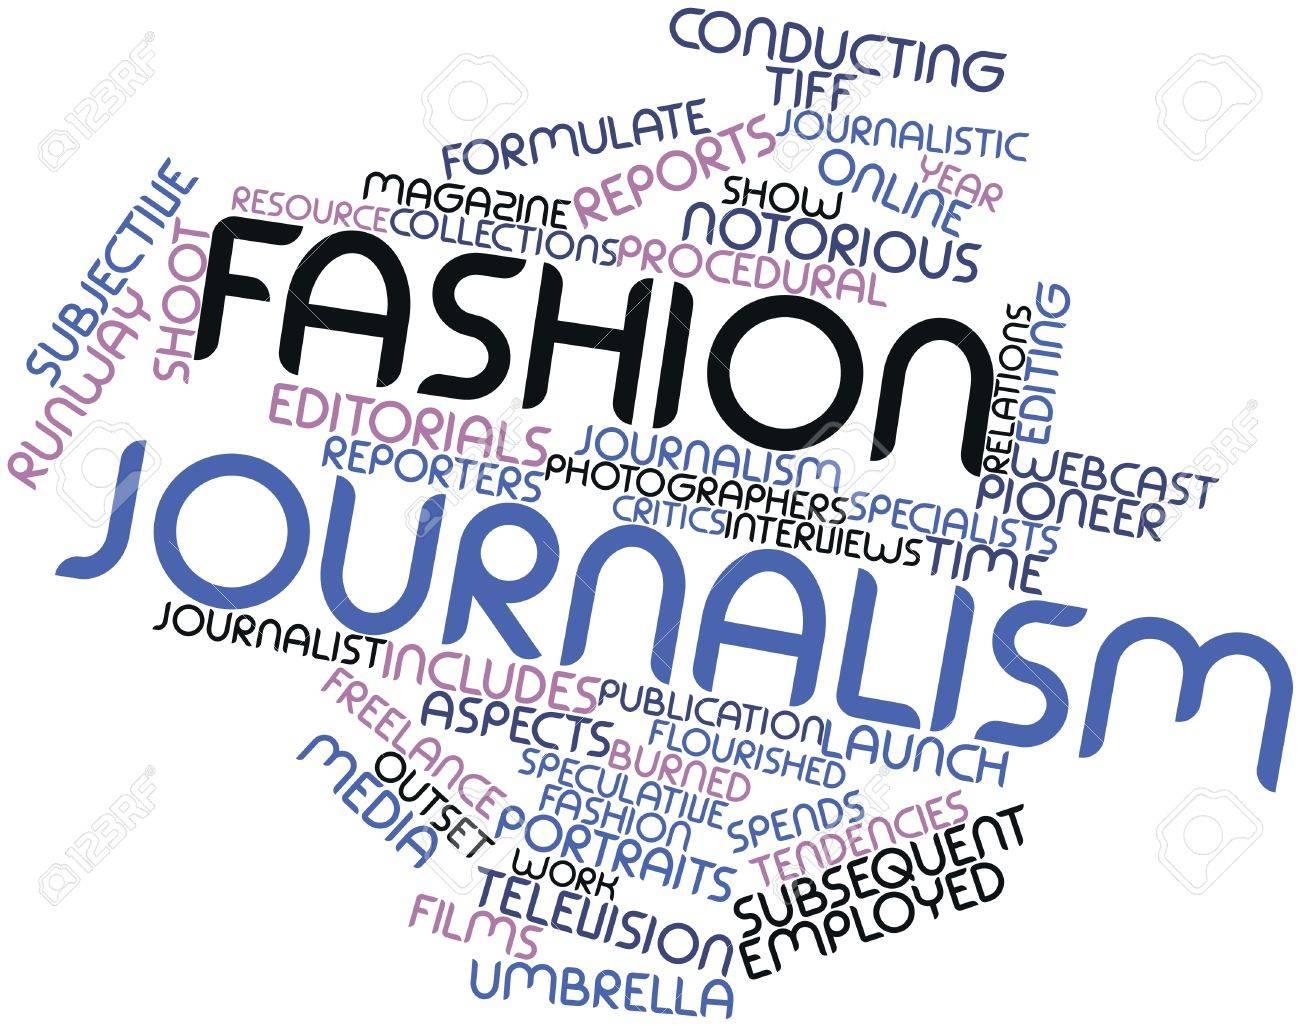 AAUFASHION JOURNALISM - Fashion School Daily, School of Fashion ...